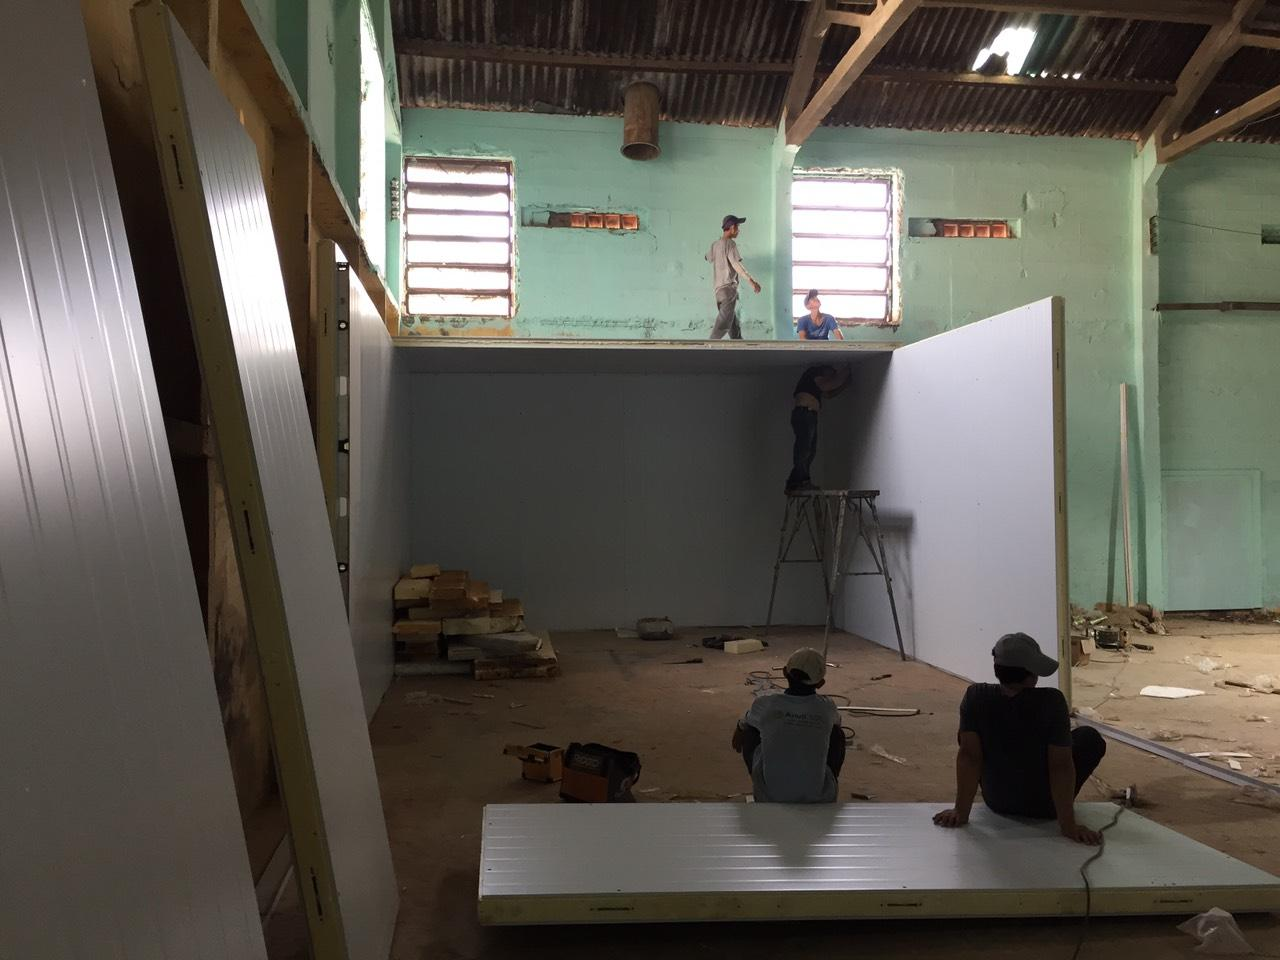 Quy trình lắp đặt kho lạnh giá rẻ chuyên nghiệp tại Hưng Trí